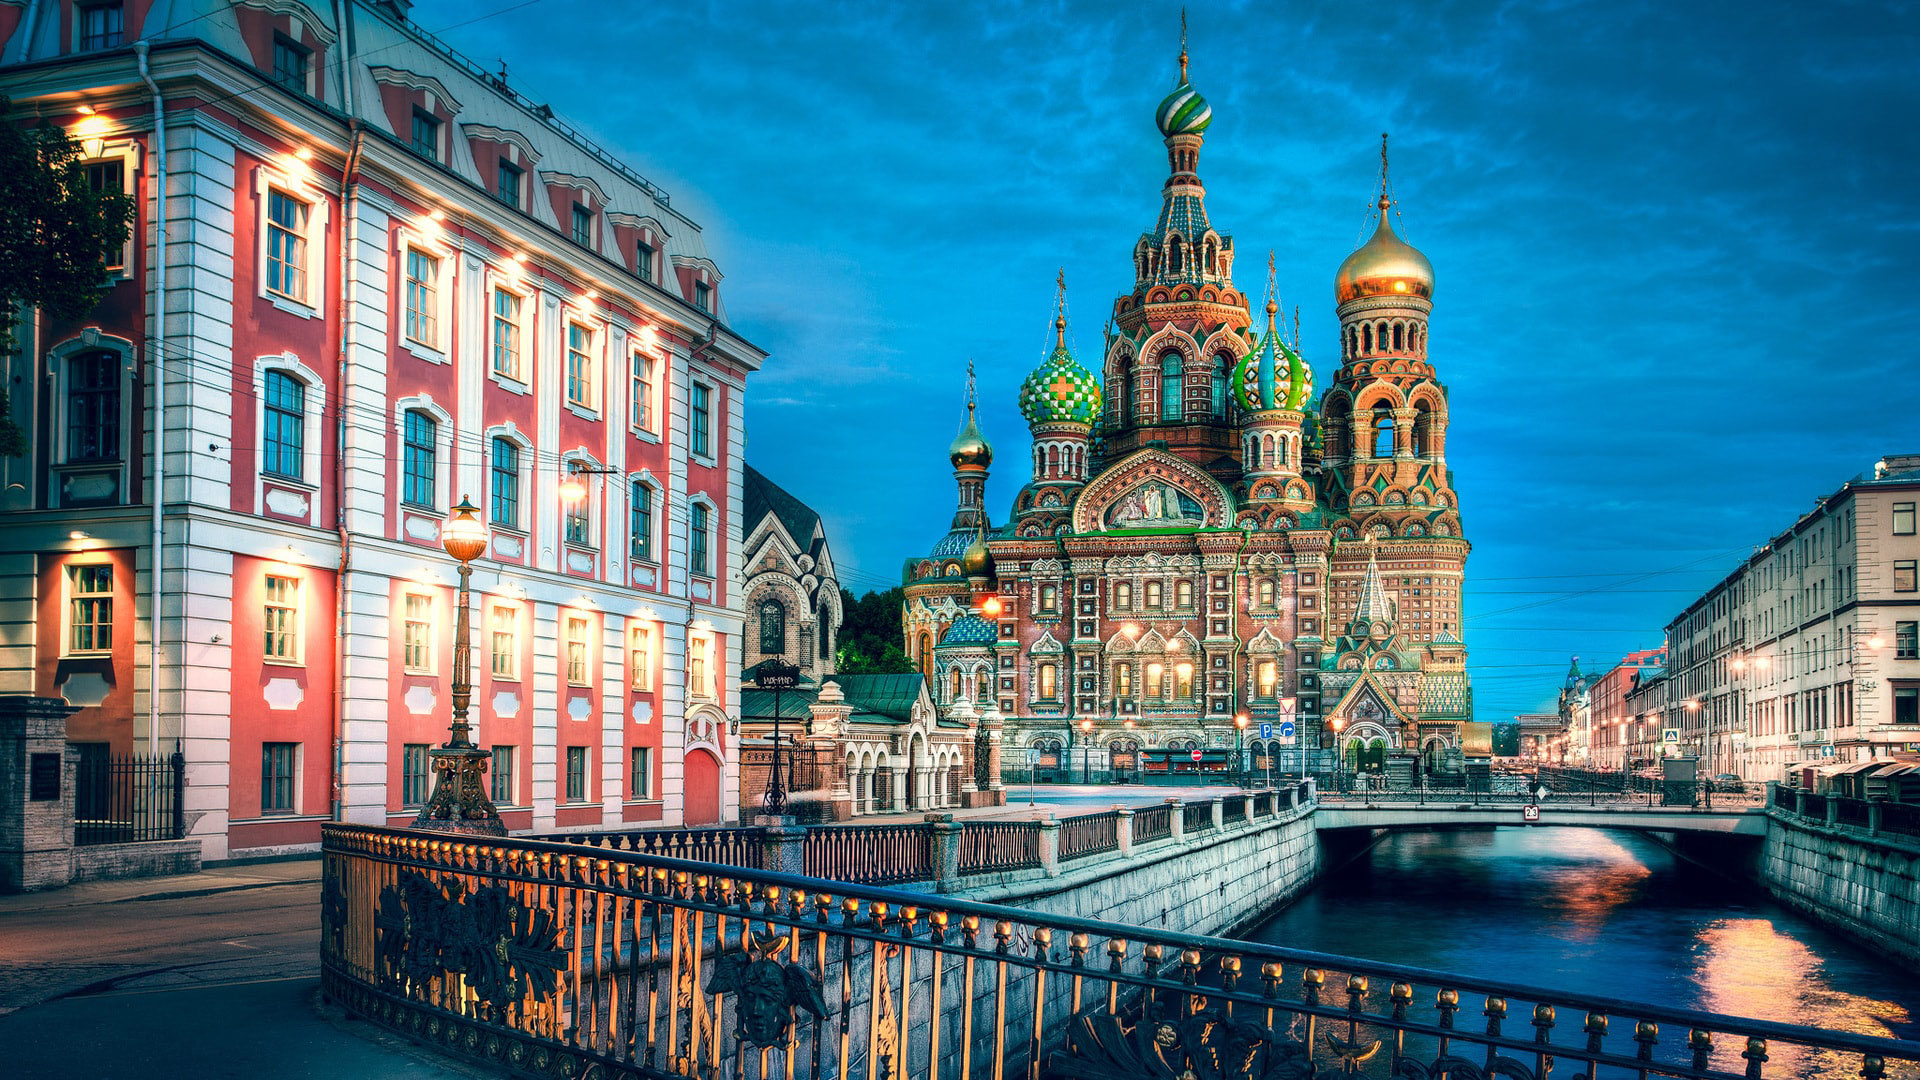 Καλοκαίρι 2019 - Μόσχα / Αγία Πετρούπολη